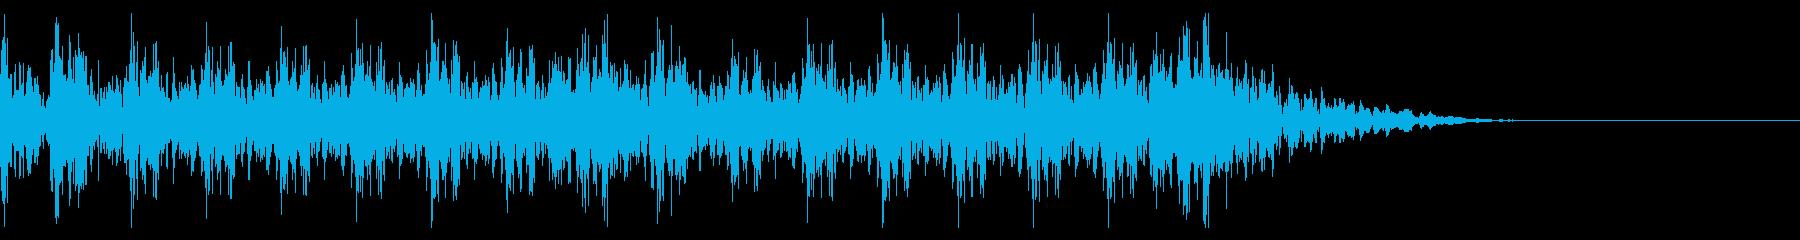 和太鼓ジングル 03の再生済みの波形